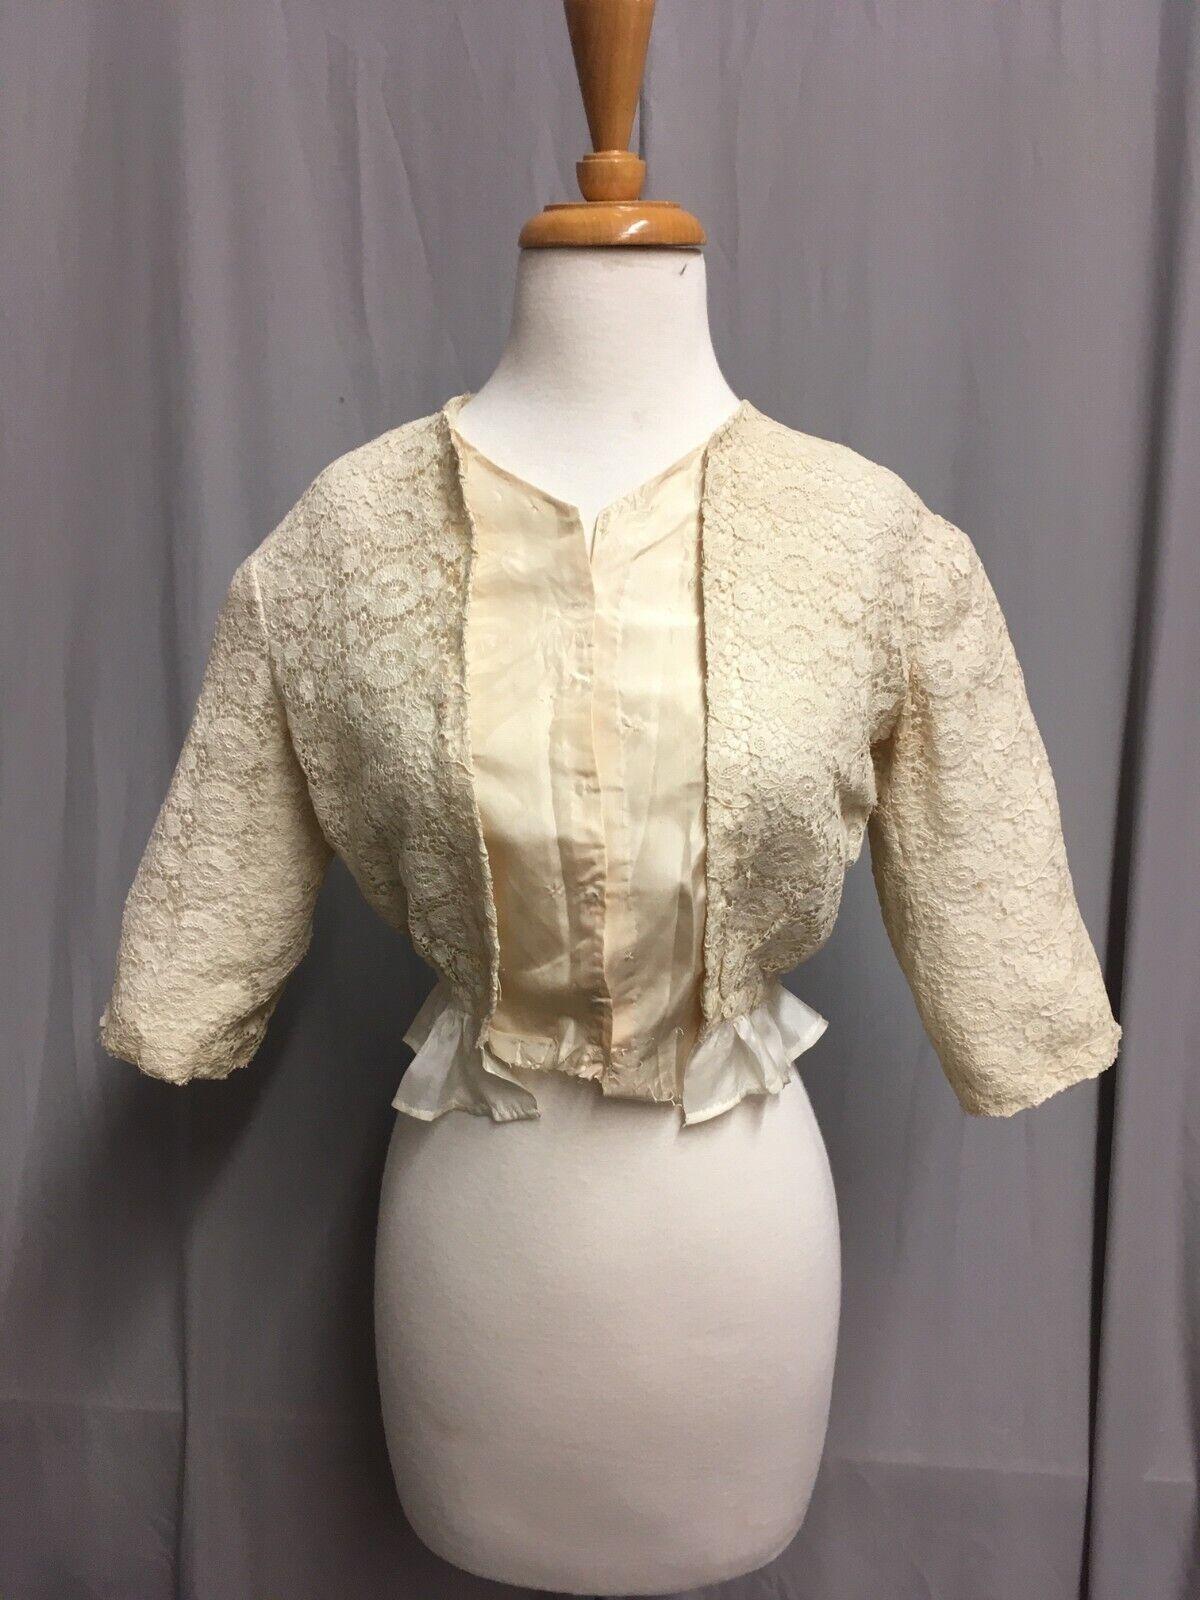 #21-66, Edwardian 1910's Lace Bodice